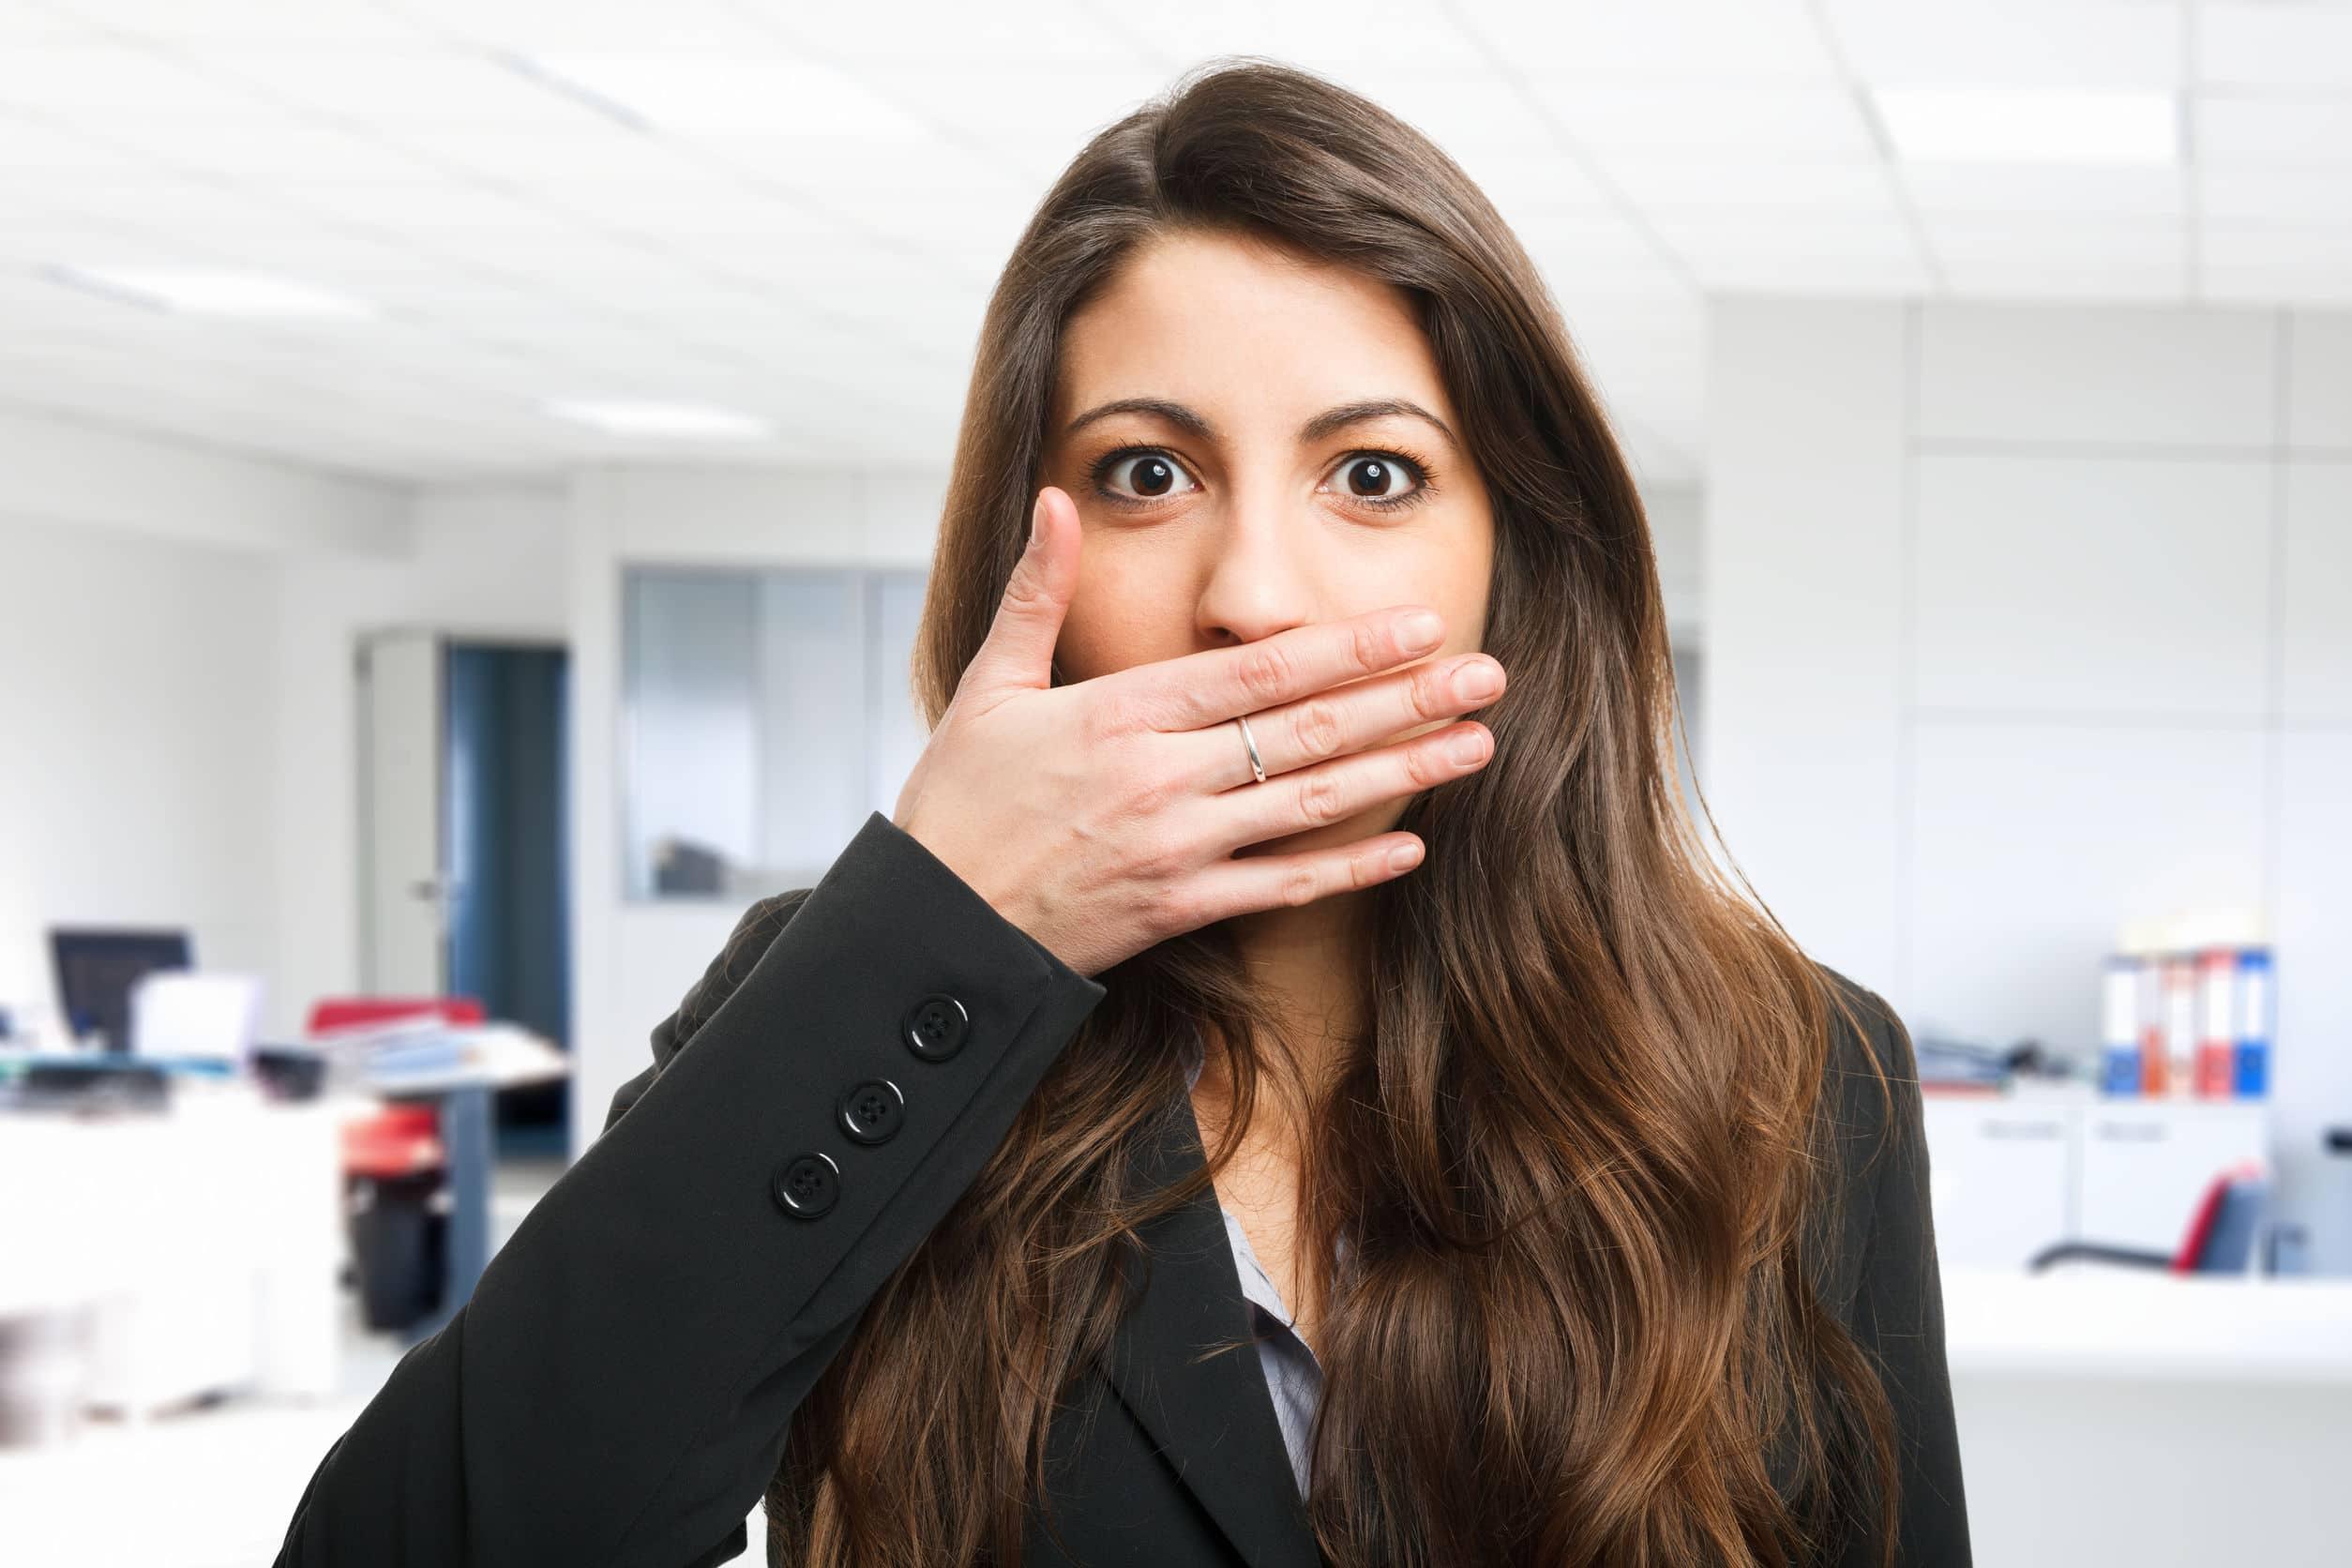 mala salud dental: consecuencias